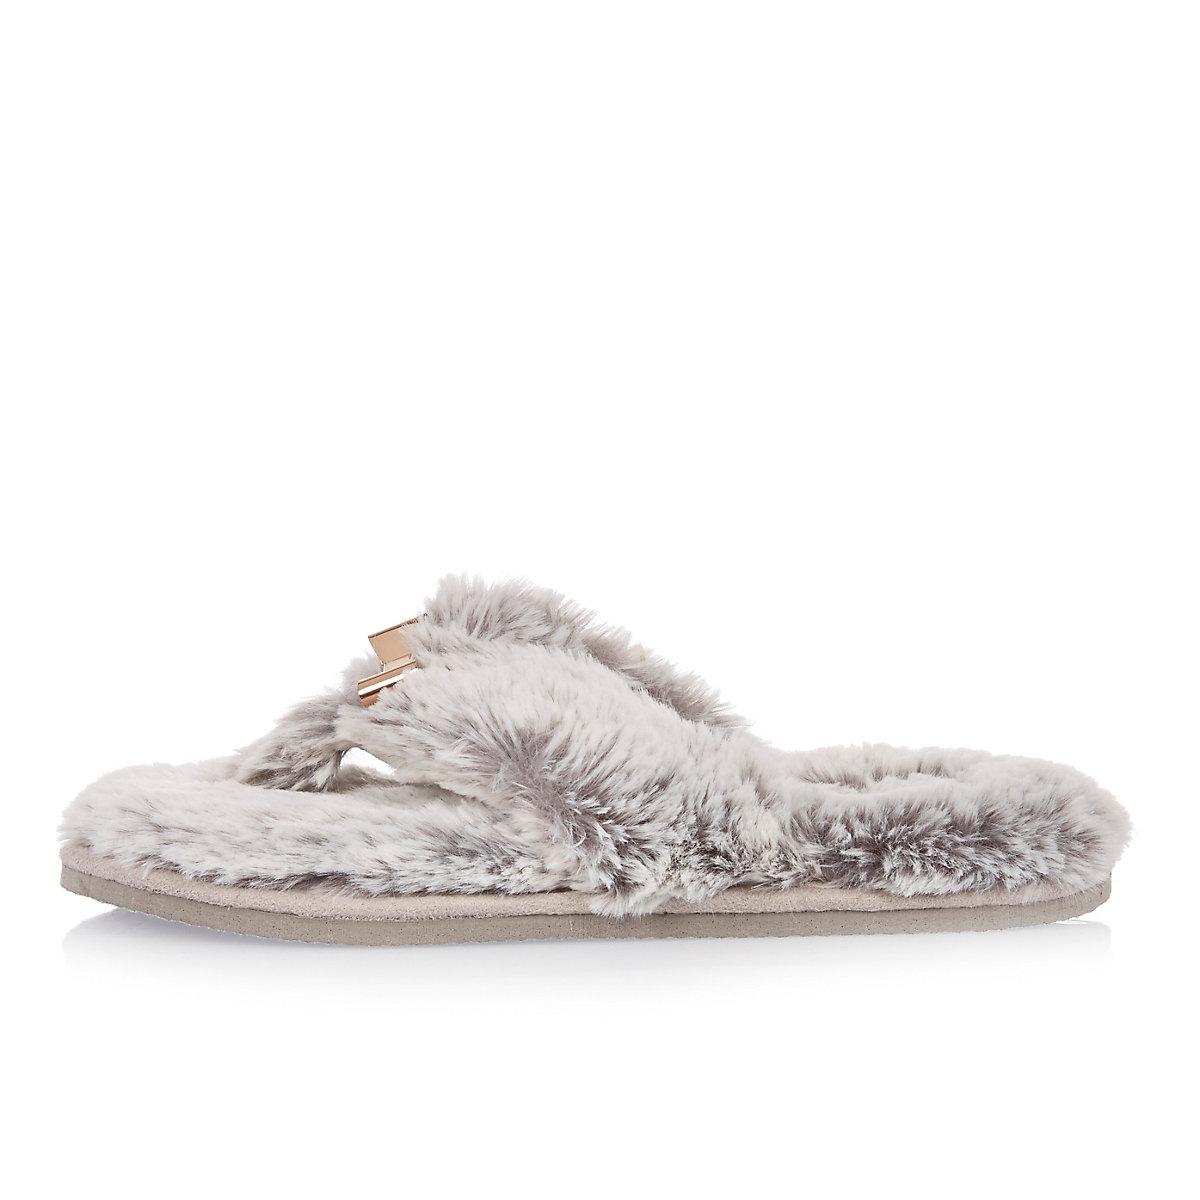 6aa169b3011 Chaussons nu-pieds en fausse fourrure grise avec nœud - Chaussons ...